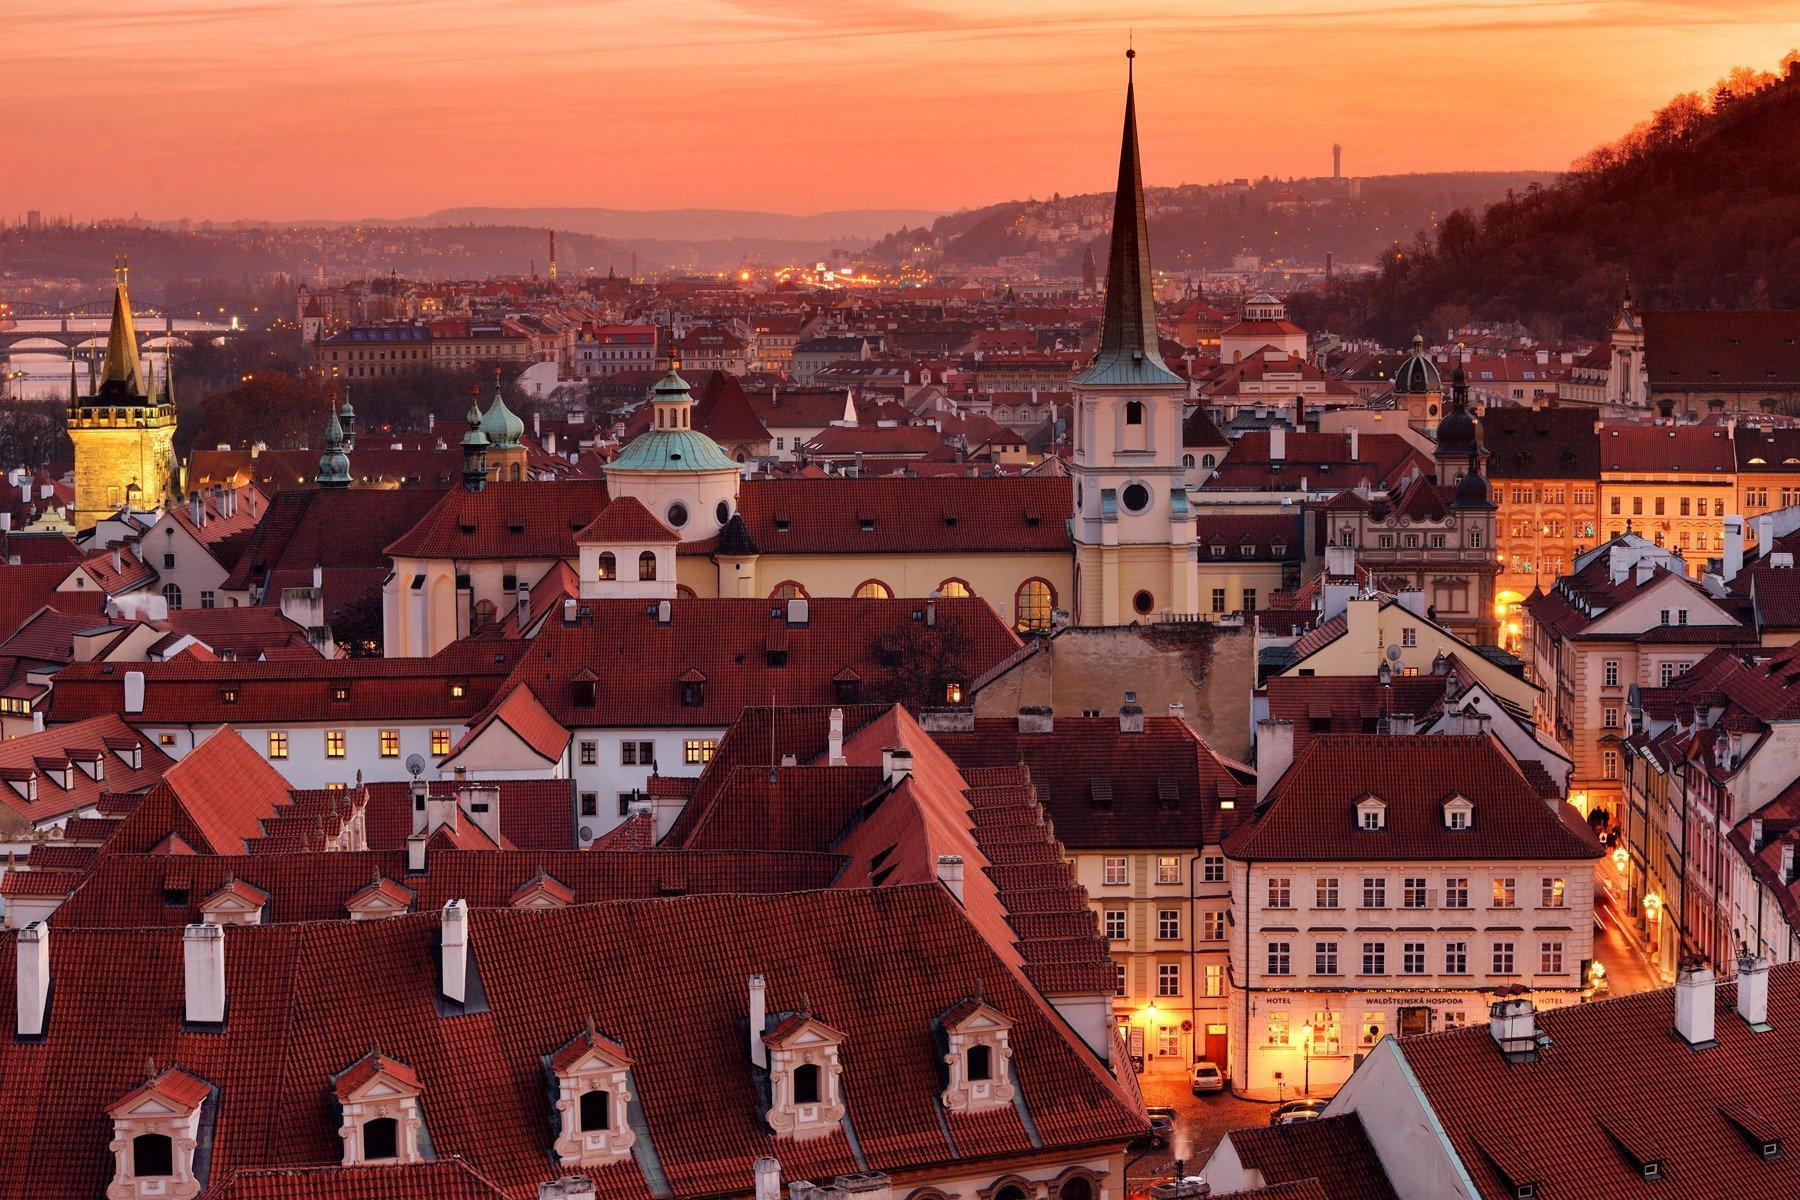 этот чешские картинки почему-то среди